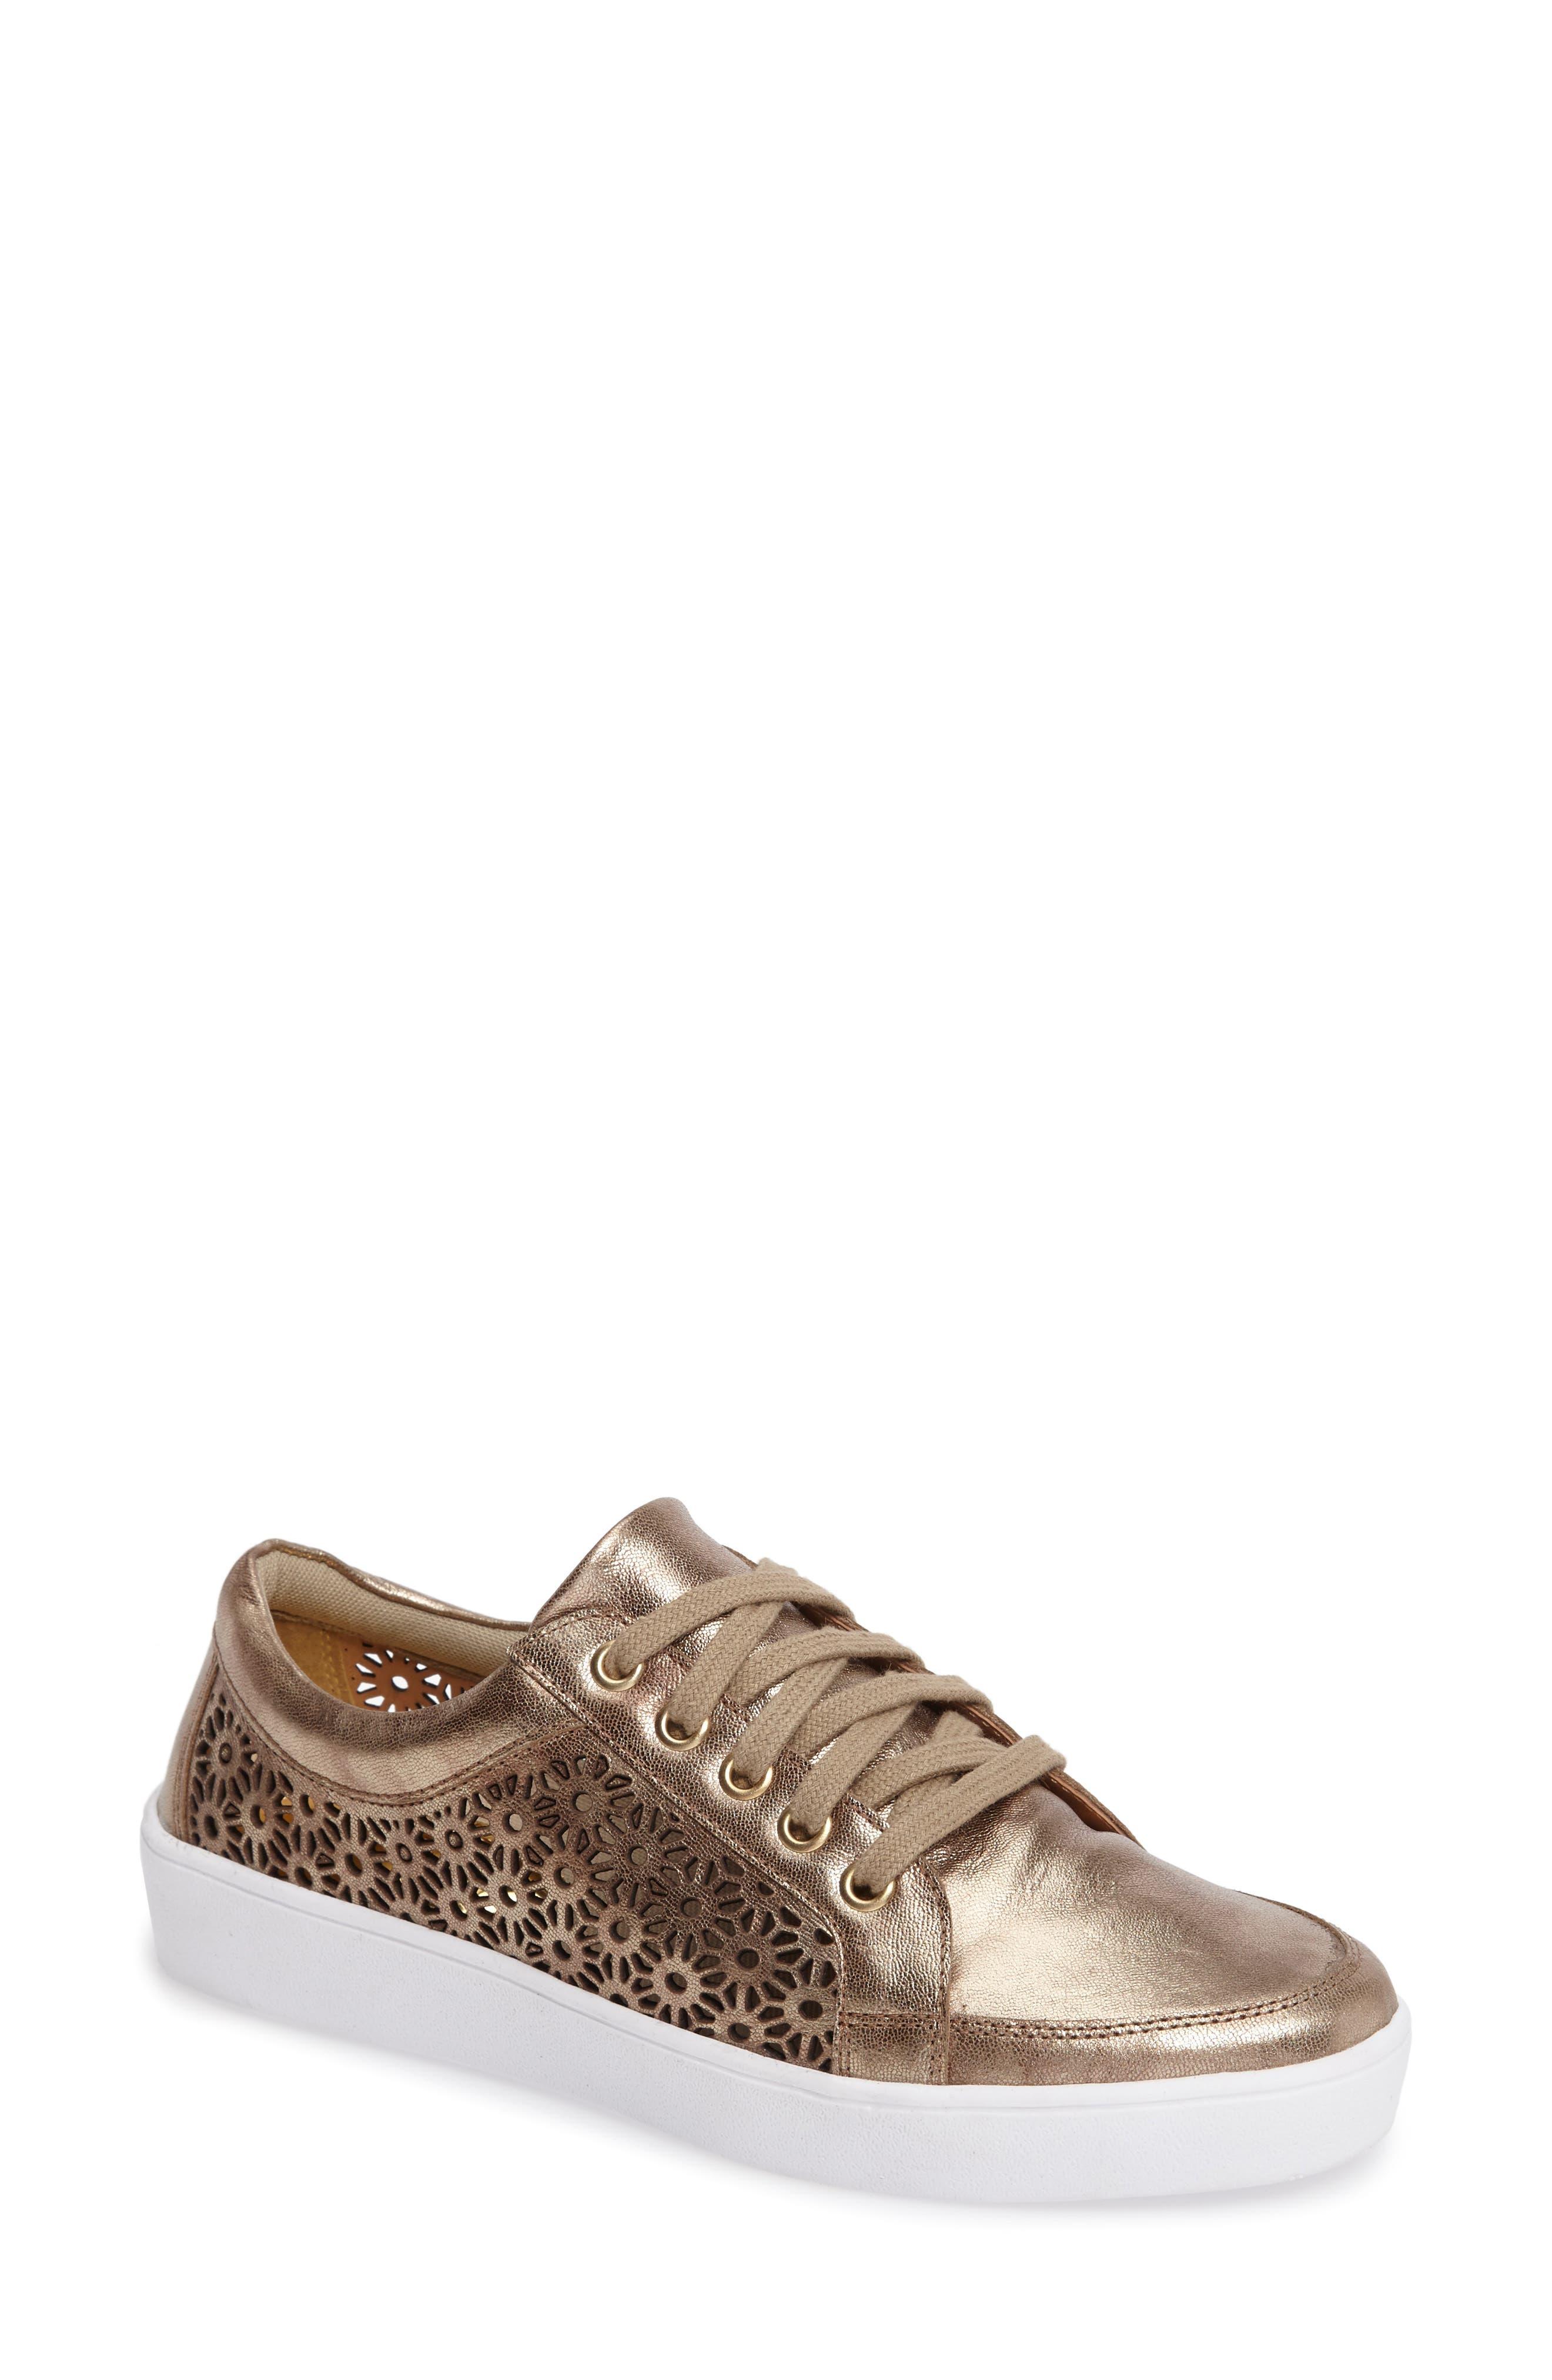 Salena Sneaker,                         Main,                         color, 020